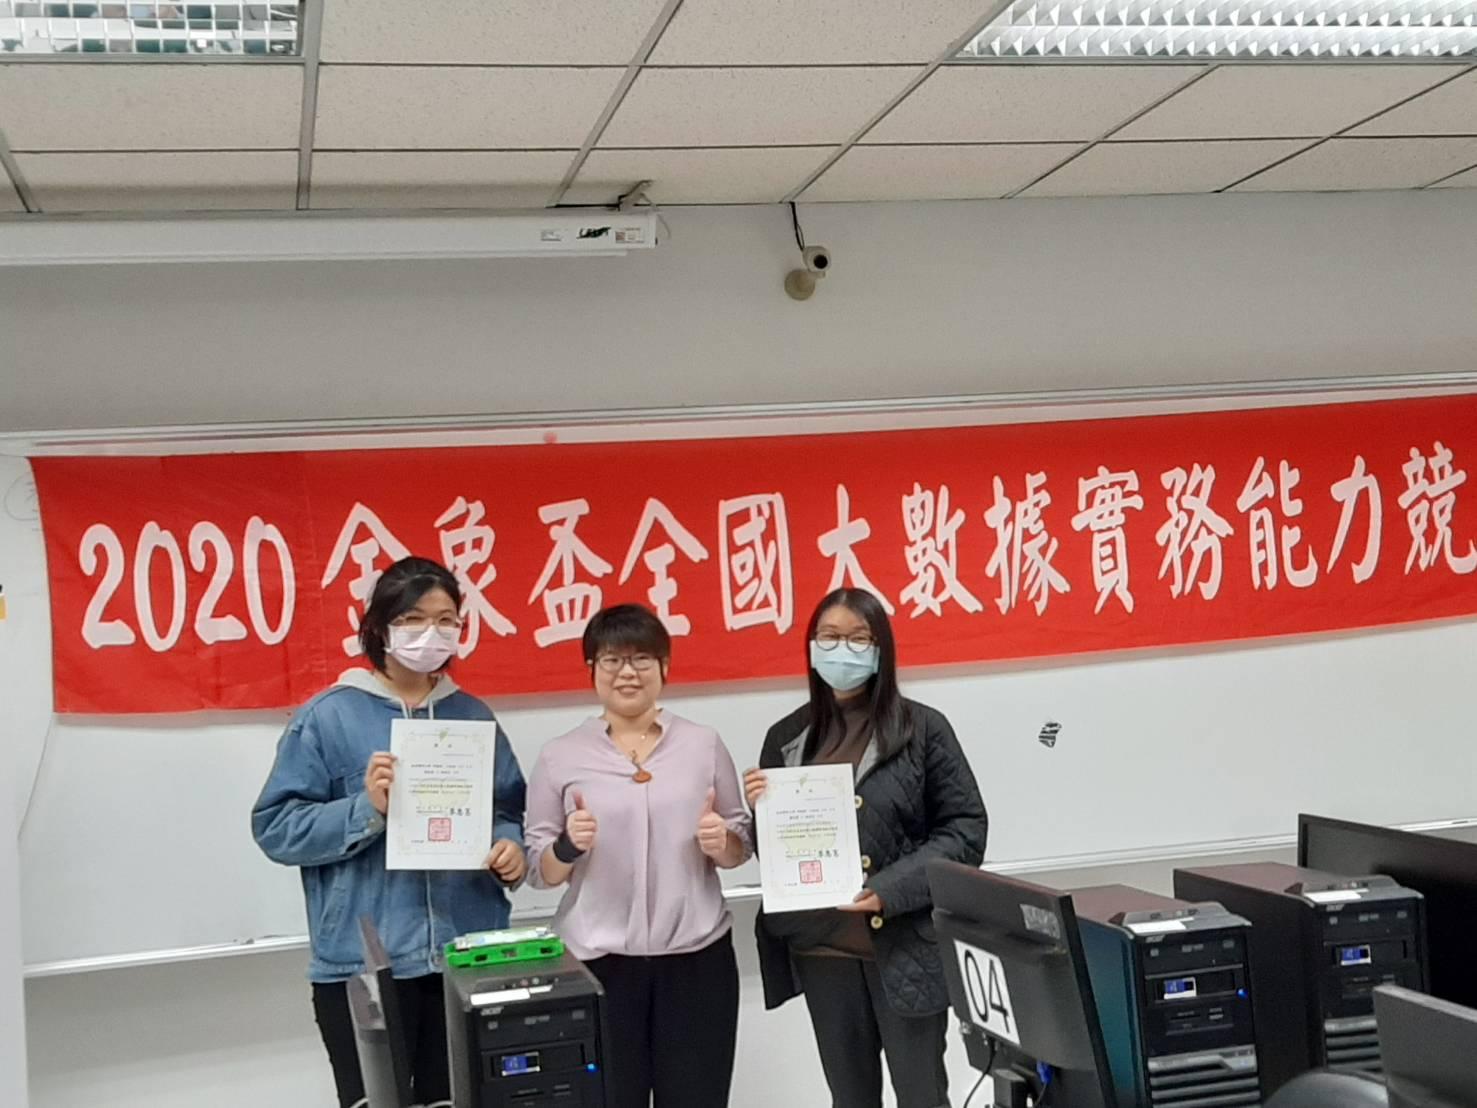 賀 邱曉婷老師指導學生參加2020金象盃全國大數據實務能力競賽大專院校組榮獲優勝